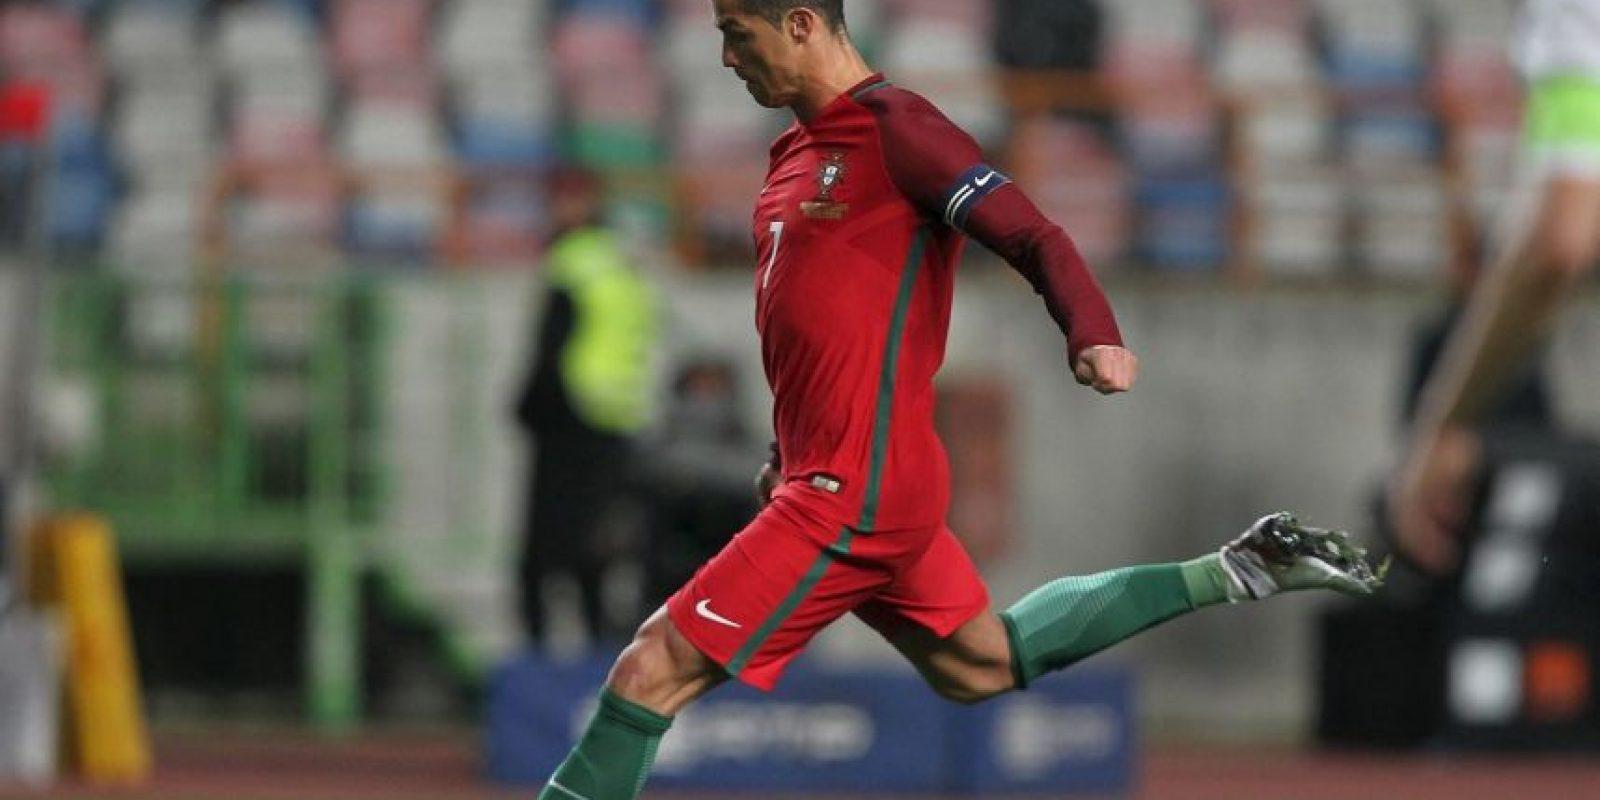 Cristiano Ronaldo es, con permiso de 'La Pantera' Eusebio, el mejor futbolista portugués de todos los tiempos. Sin embargo, el tres veces Balón de Oro y máximo anotador histórico del Real Madrid nunca mostró esa exuberancia goleadora con Portugal. Muy potente, la edad le ha restado velocidad para desequilibrar en la banda. Sin embargo, su extenso repertorio de remates -con ambas piernas, de cabeza, de falta, de tacón, acrobáticos- le convierte en un ariete formidable. Foto:DPA